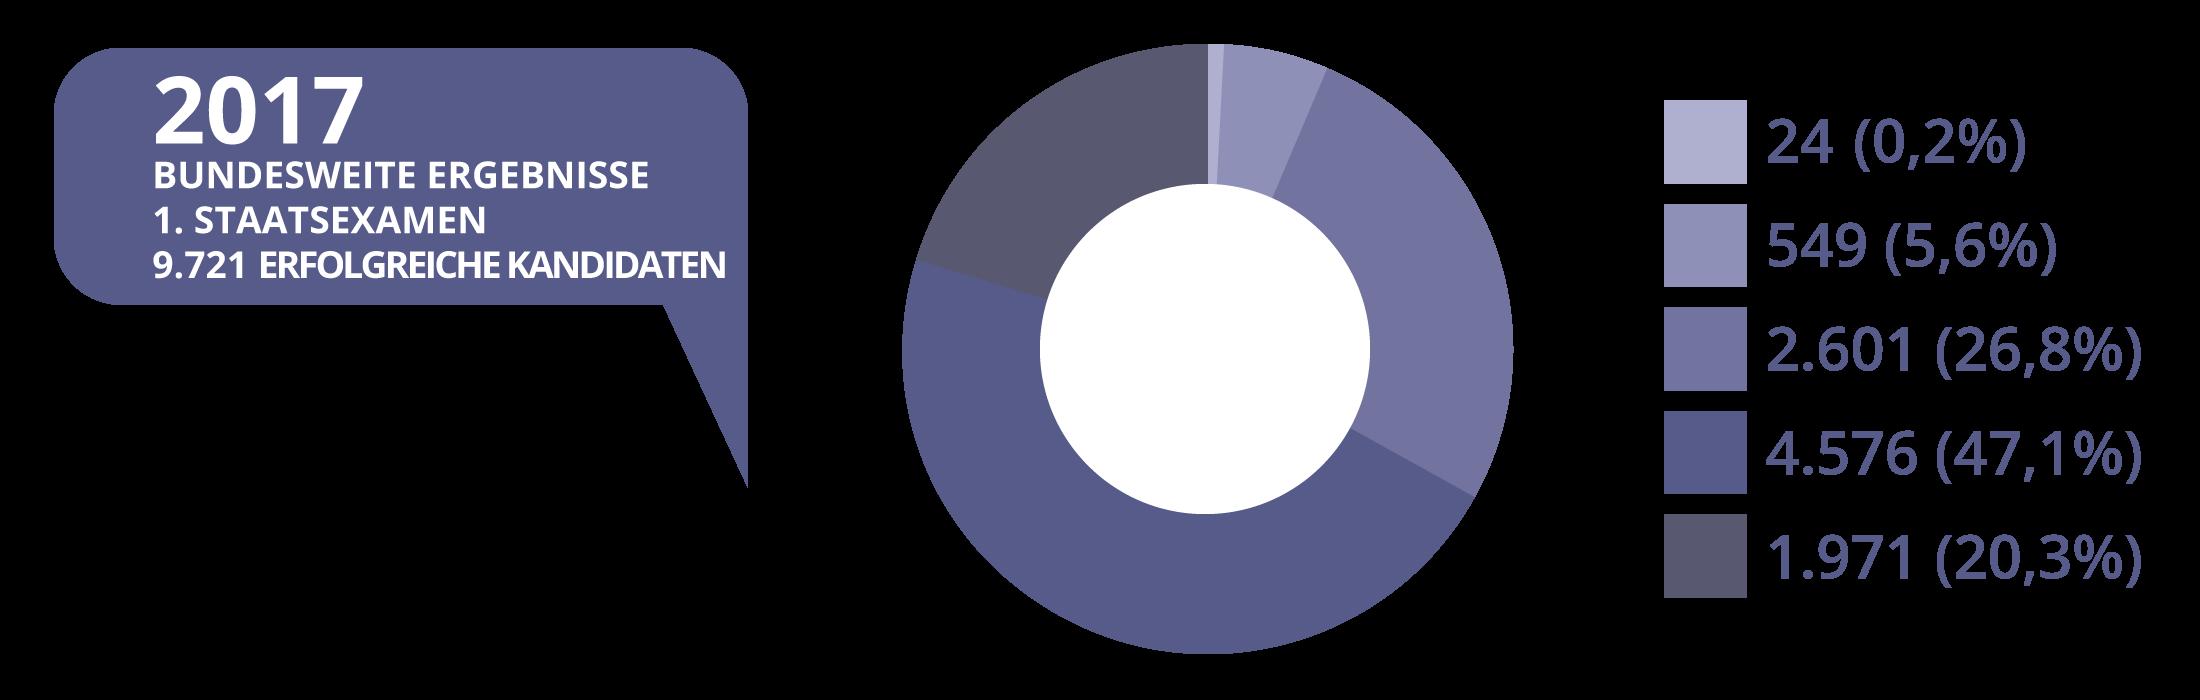 JurCase - Kreisdiagramm - 2017 - Ergebnisse Erstes Staatsexamen A